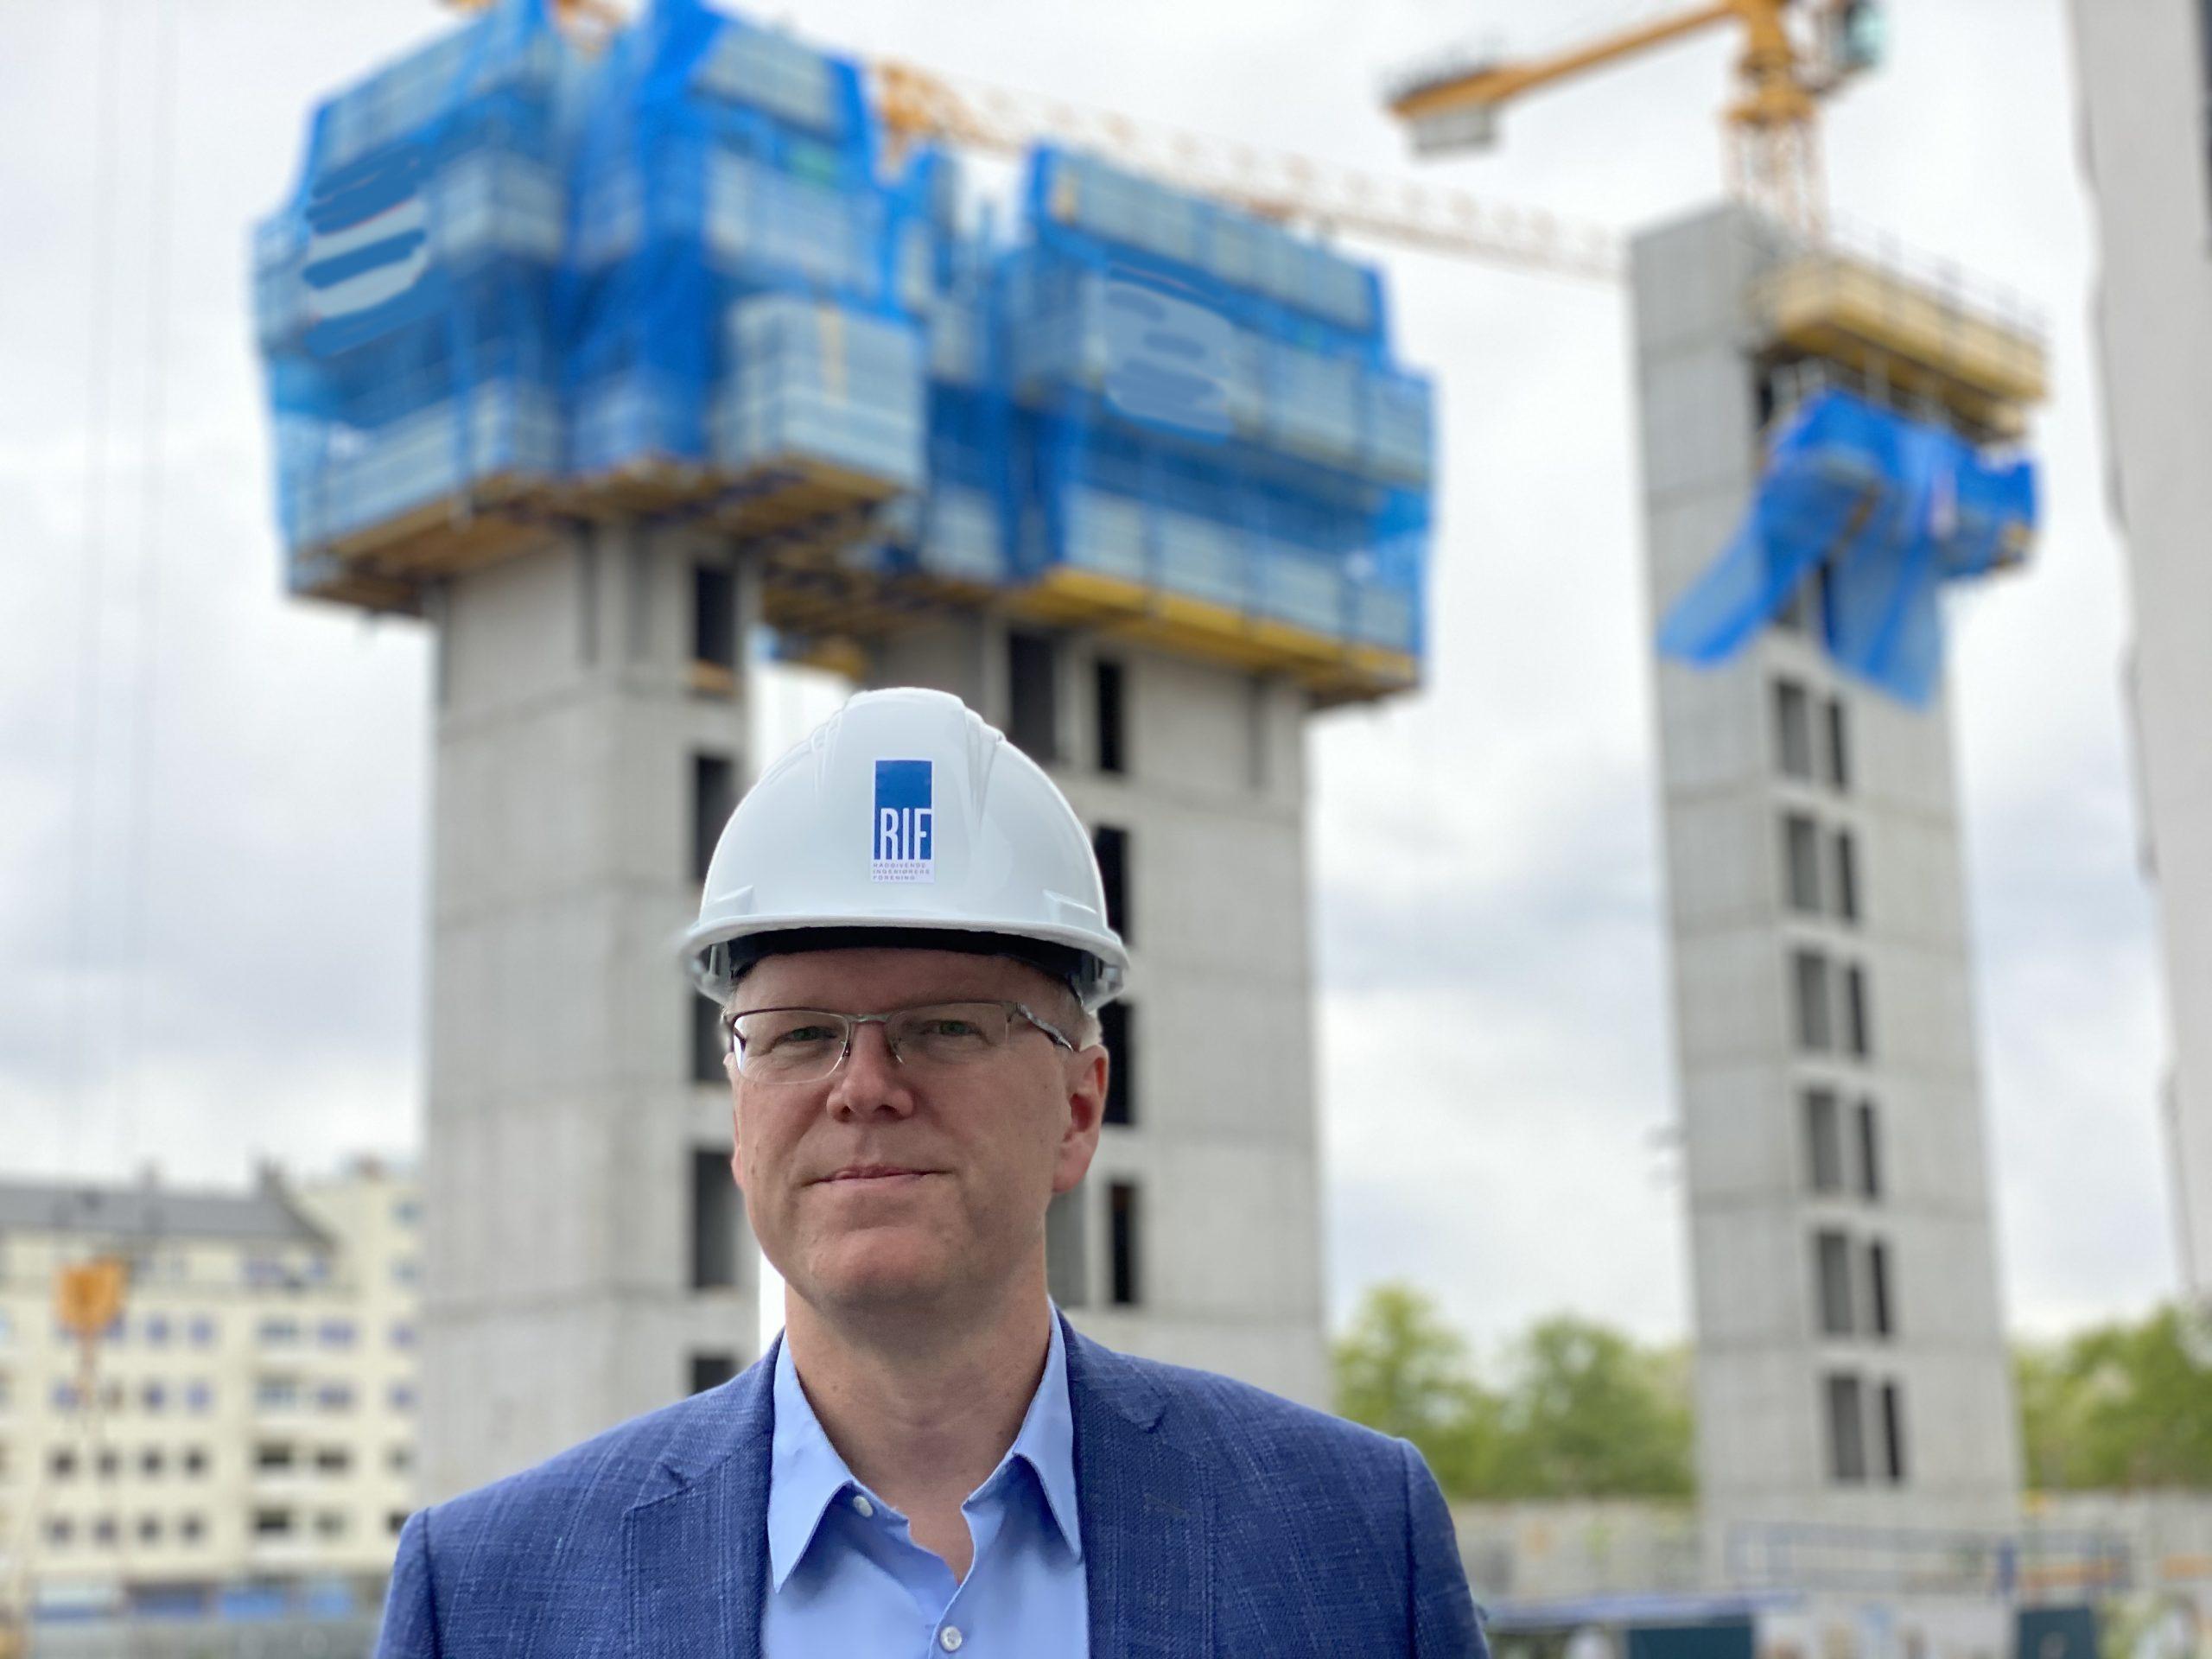 regjeringens-strategi-for-en-gronn-og-sirkulaer-okonomi-er-for-lite-ambisios-for-byggesektoren